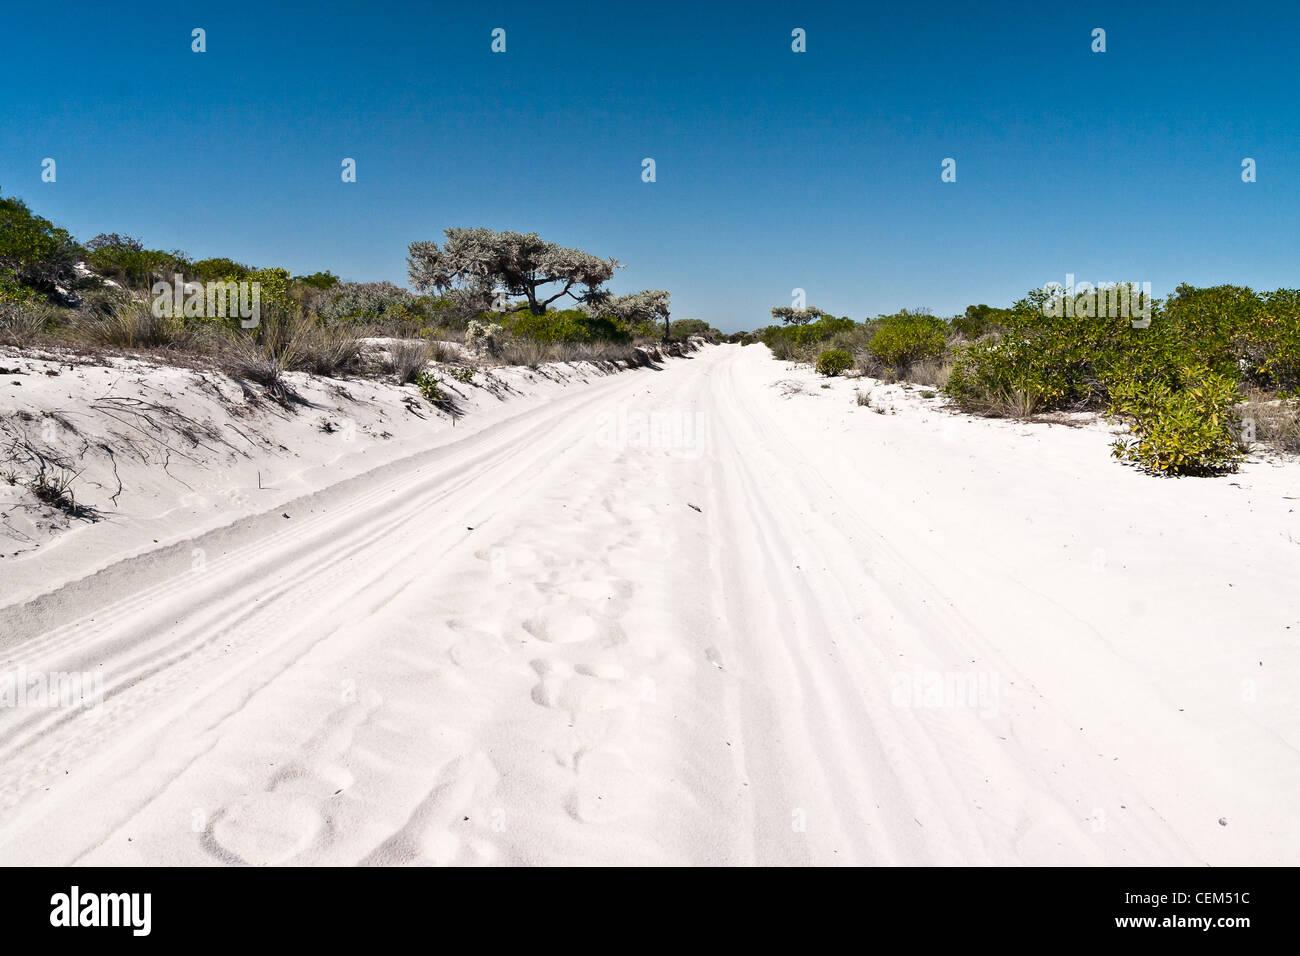 Sand track near Salary, southwestern Madagascar - Stock Image